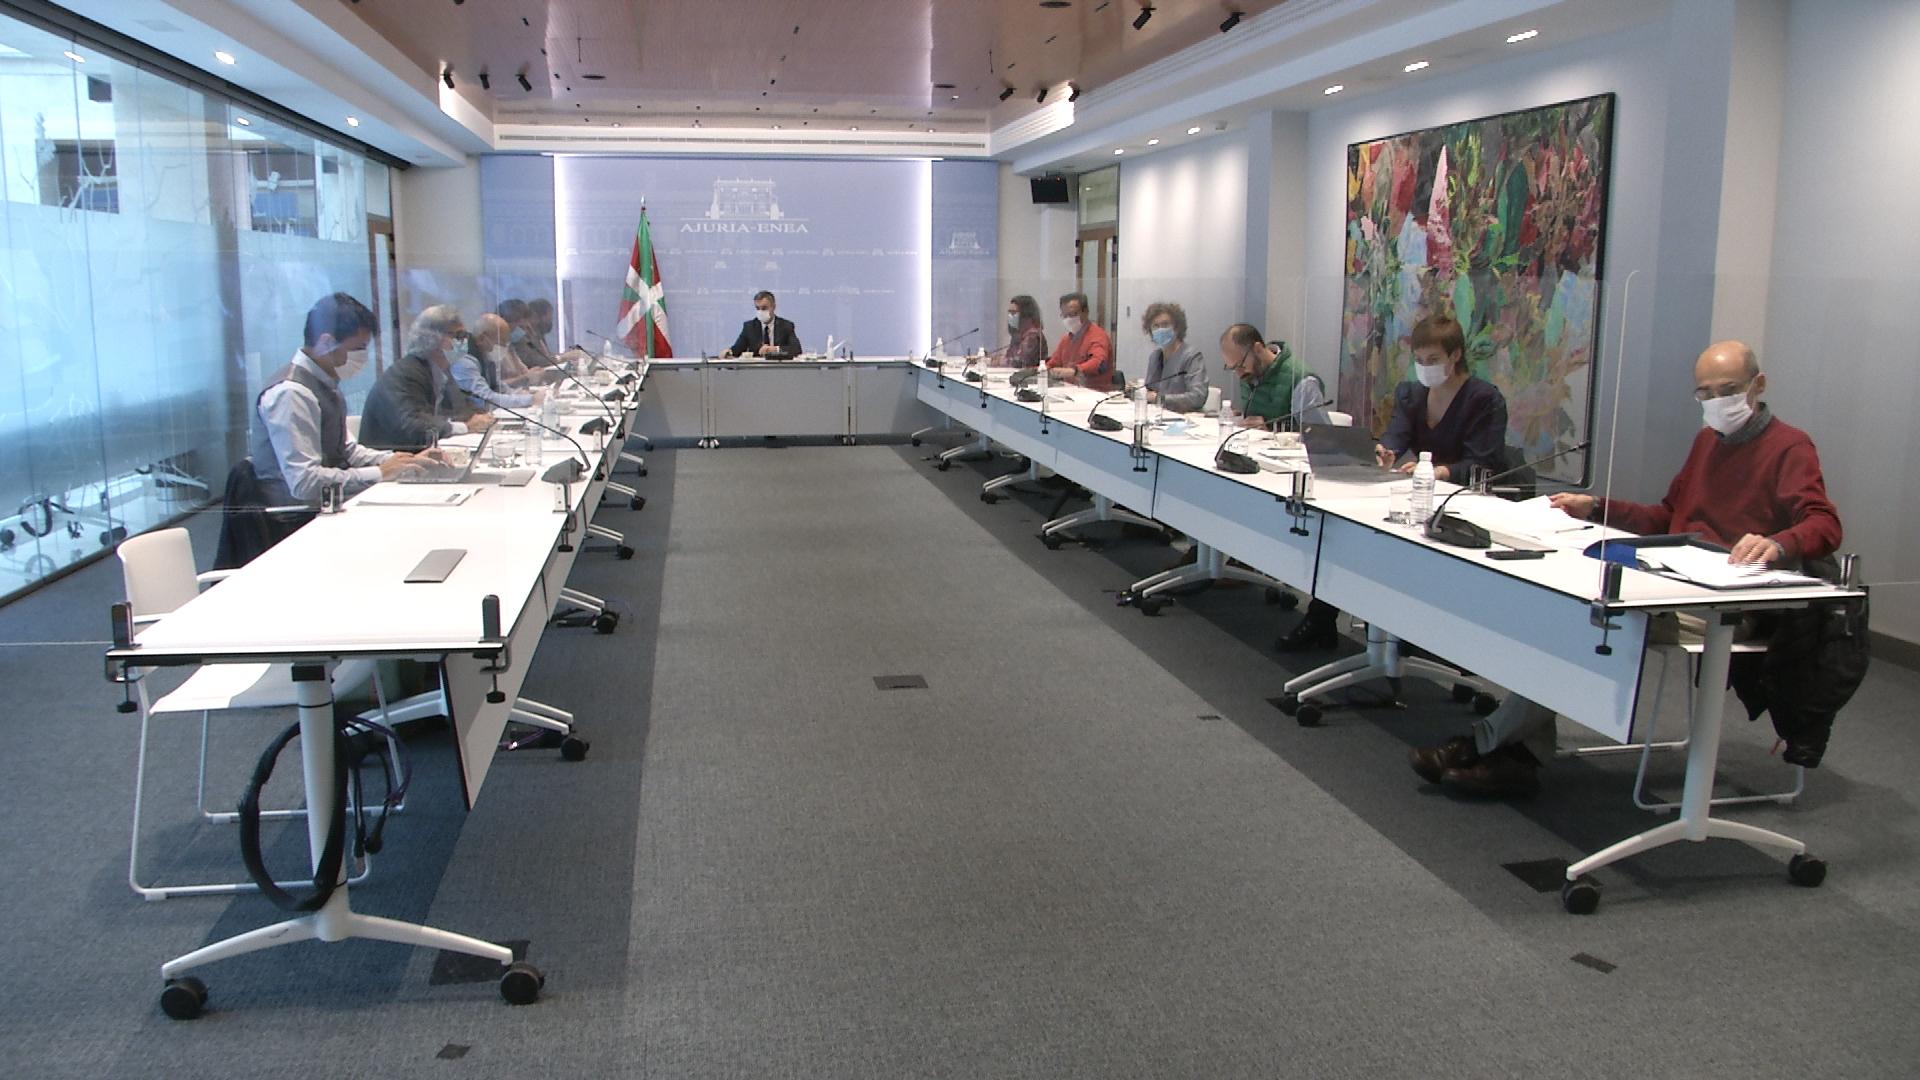 Jonan Fernández preside la reunión de la Comisión Técnica del Consejo Asesor del LABI [0:00]